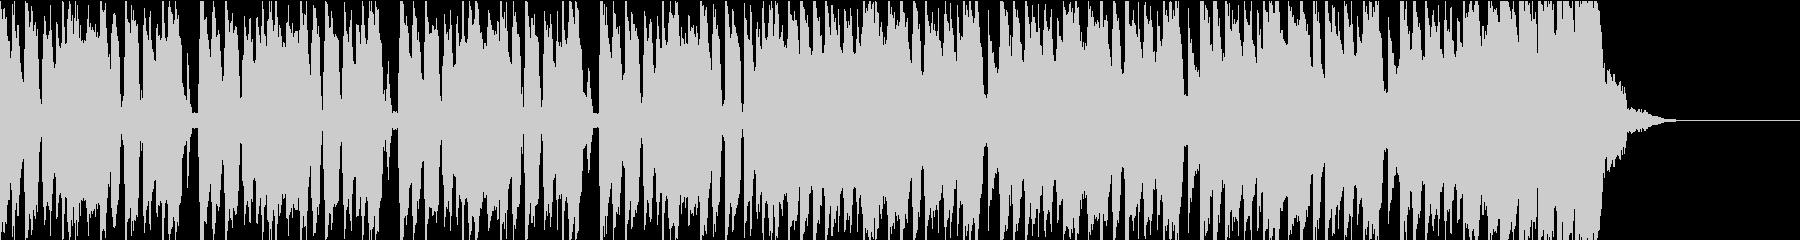 尾行を撒くシーンにあうBGM_2の未再生の波形